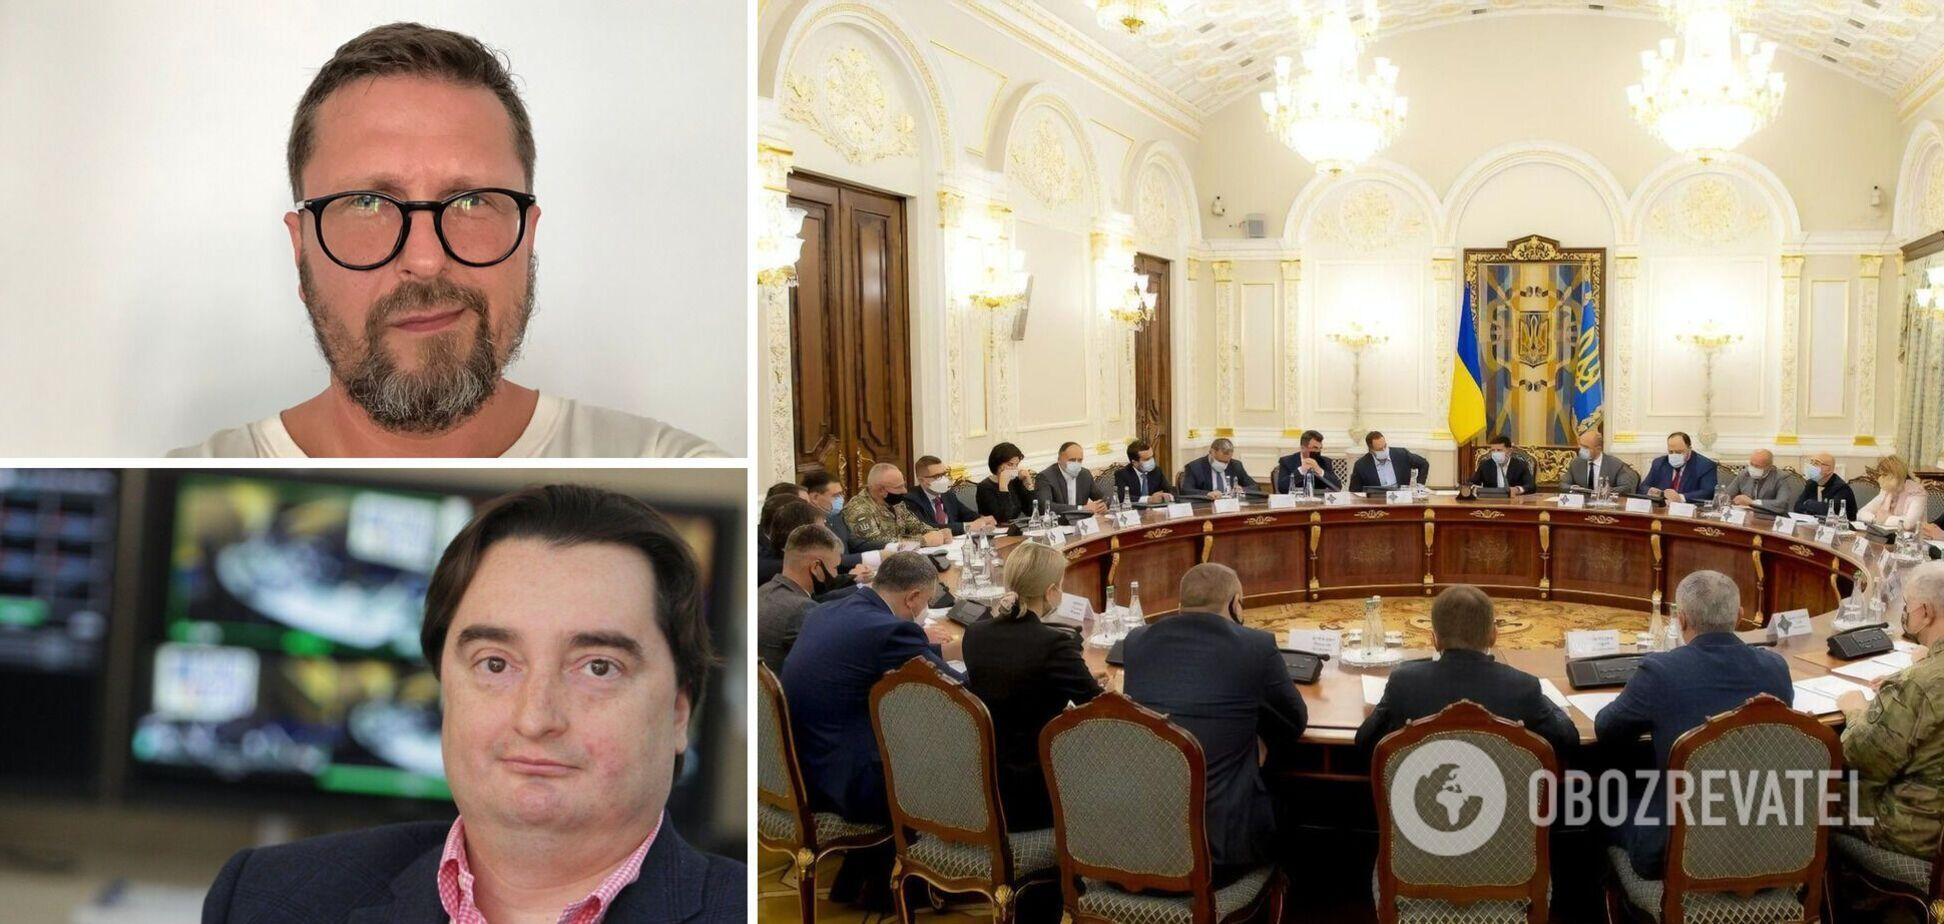 СНБО ввел санкции против Шария, Деркача и Гужвы: 'Страну' закрыли. Все подробности